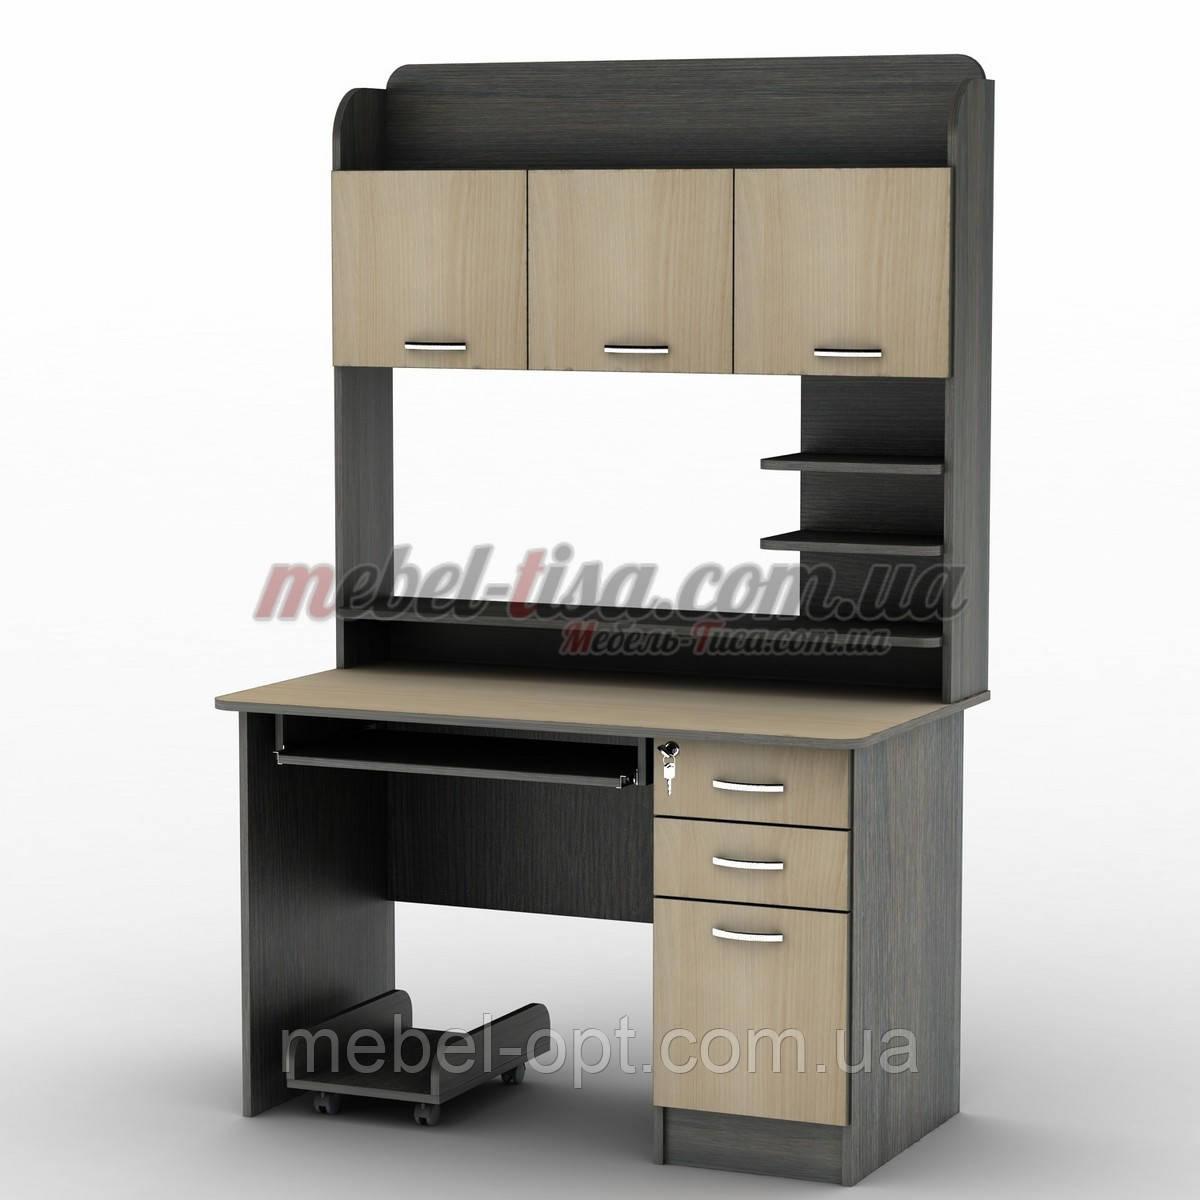 Компьютерный стол СУ-12 с большой вместительной надстройкой, ящичками и местом для процессора